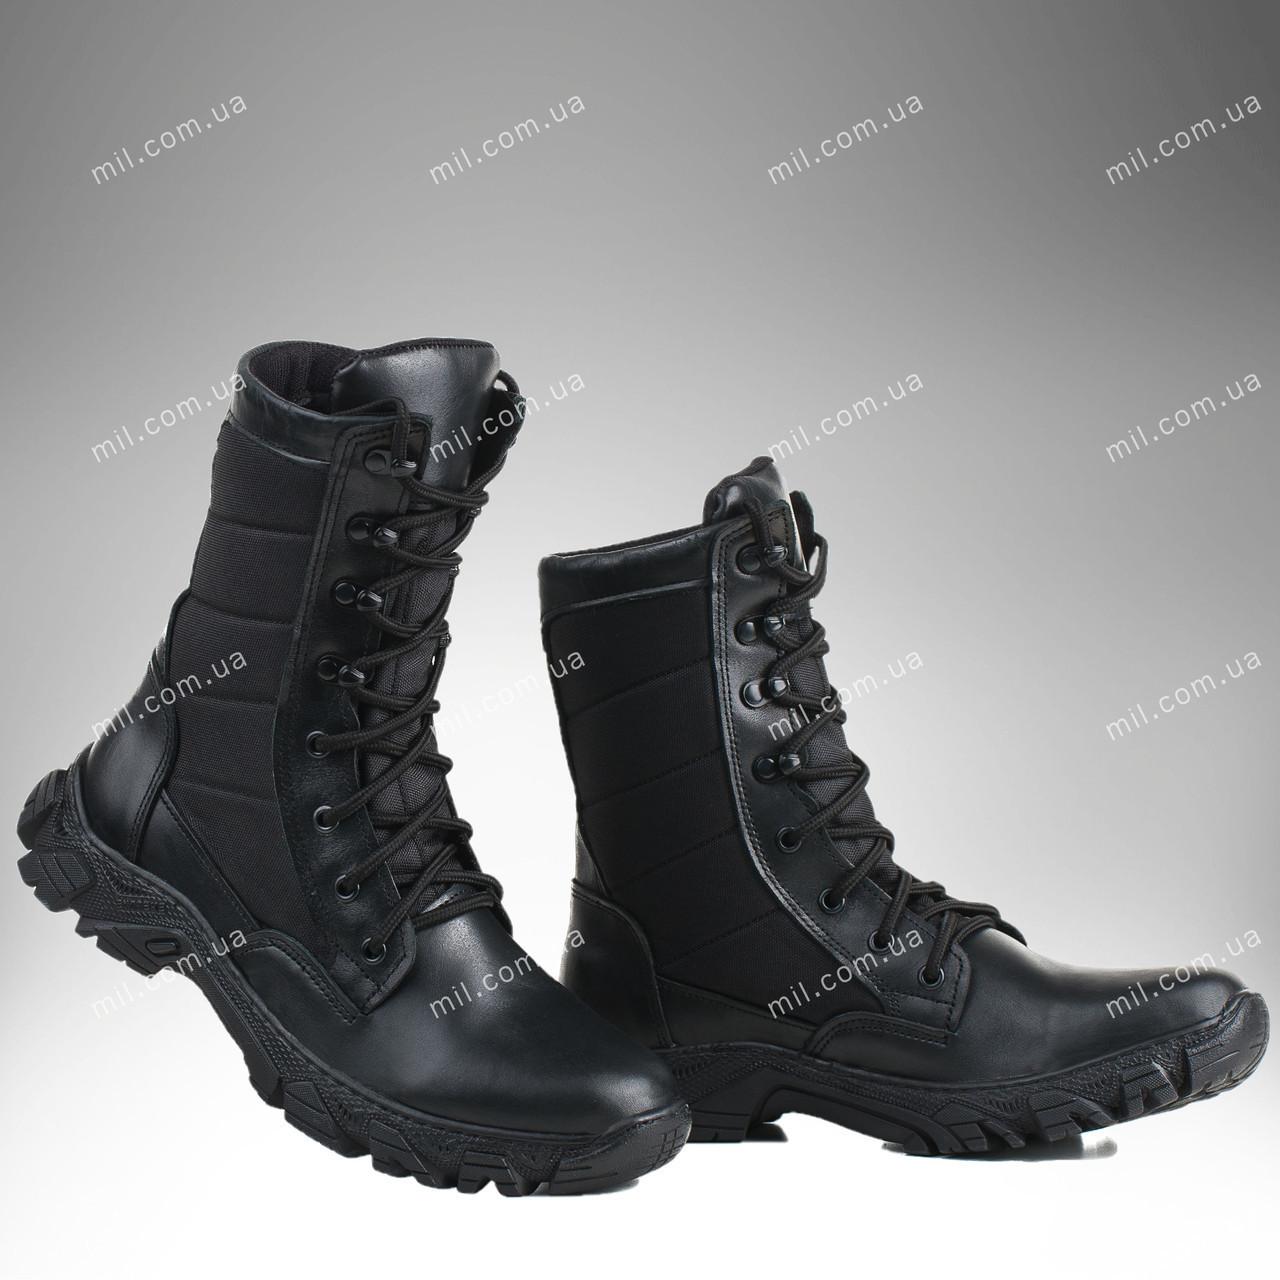 Военная зимняя обувь / берцы, тактическая обувь ДЕЛЬТА (black)